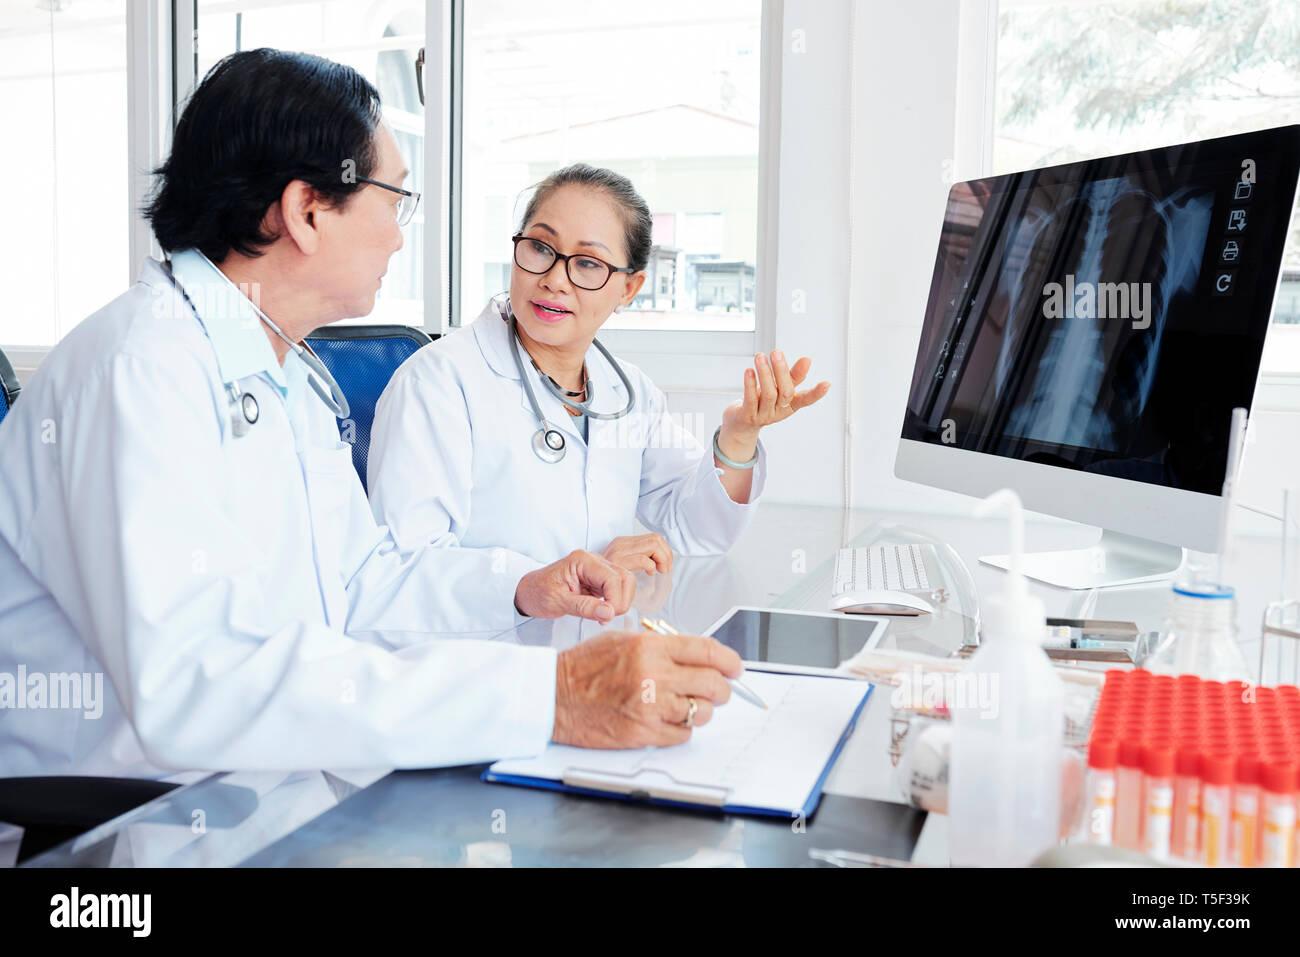 Doctors discussing case of pneumonia - Stock Image